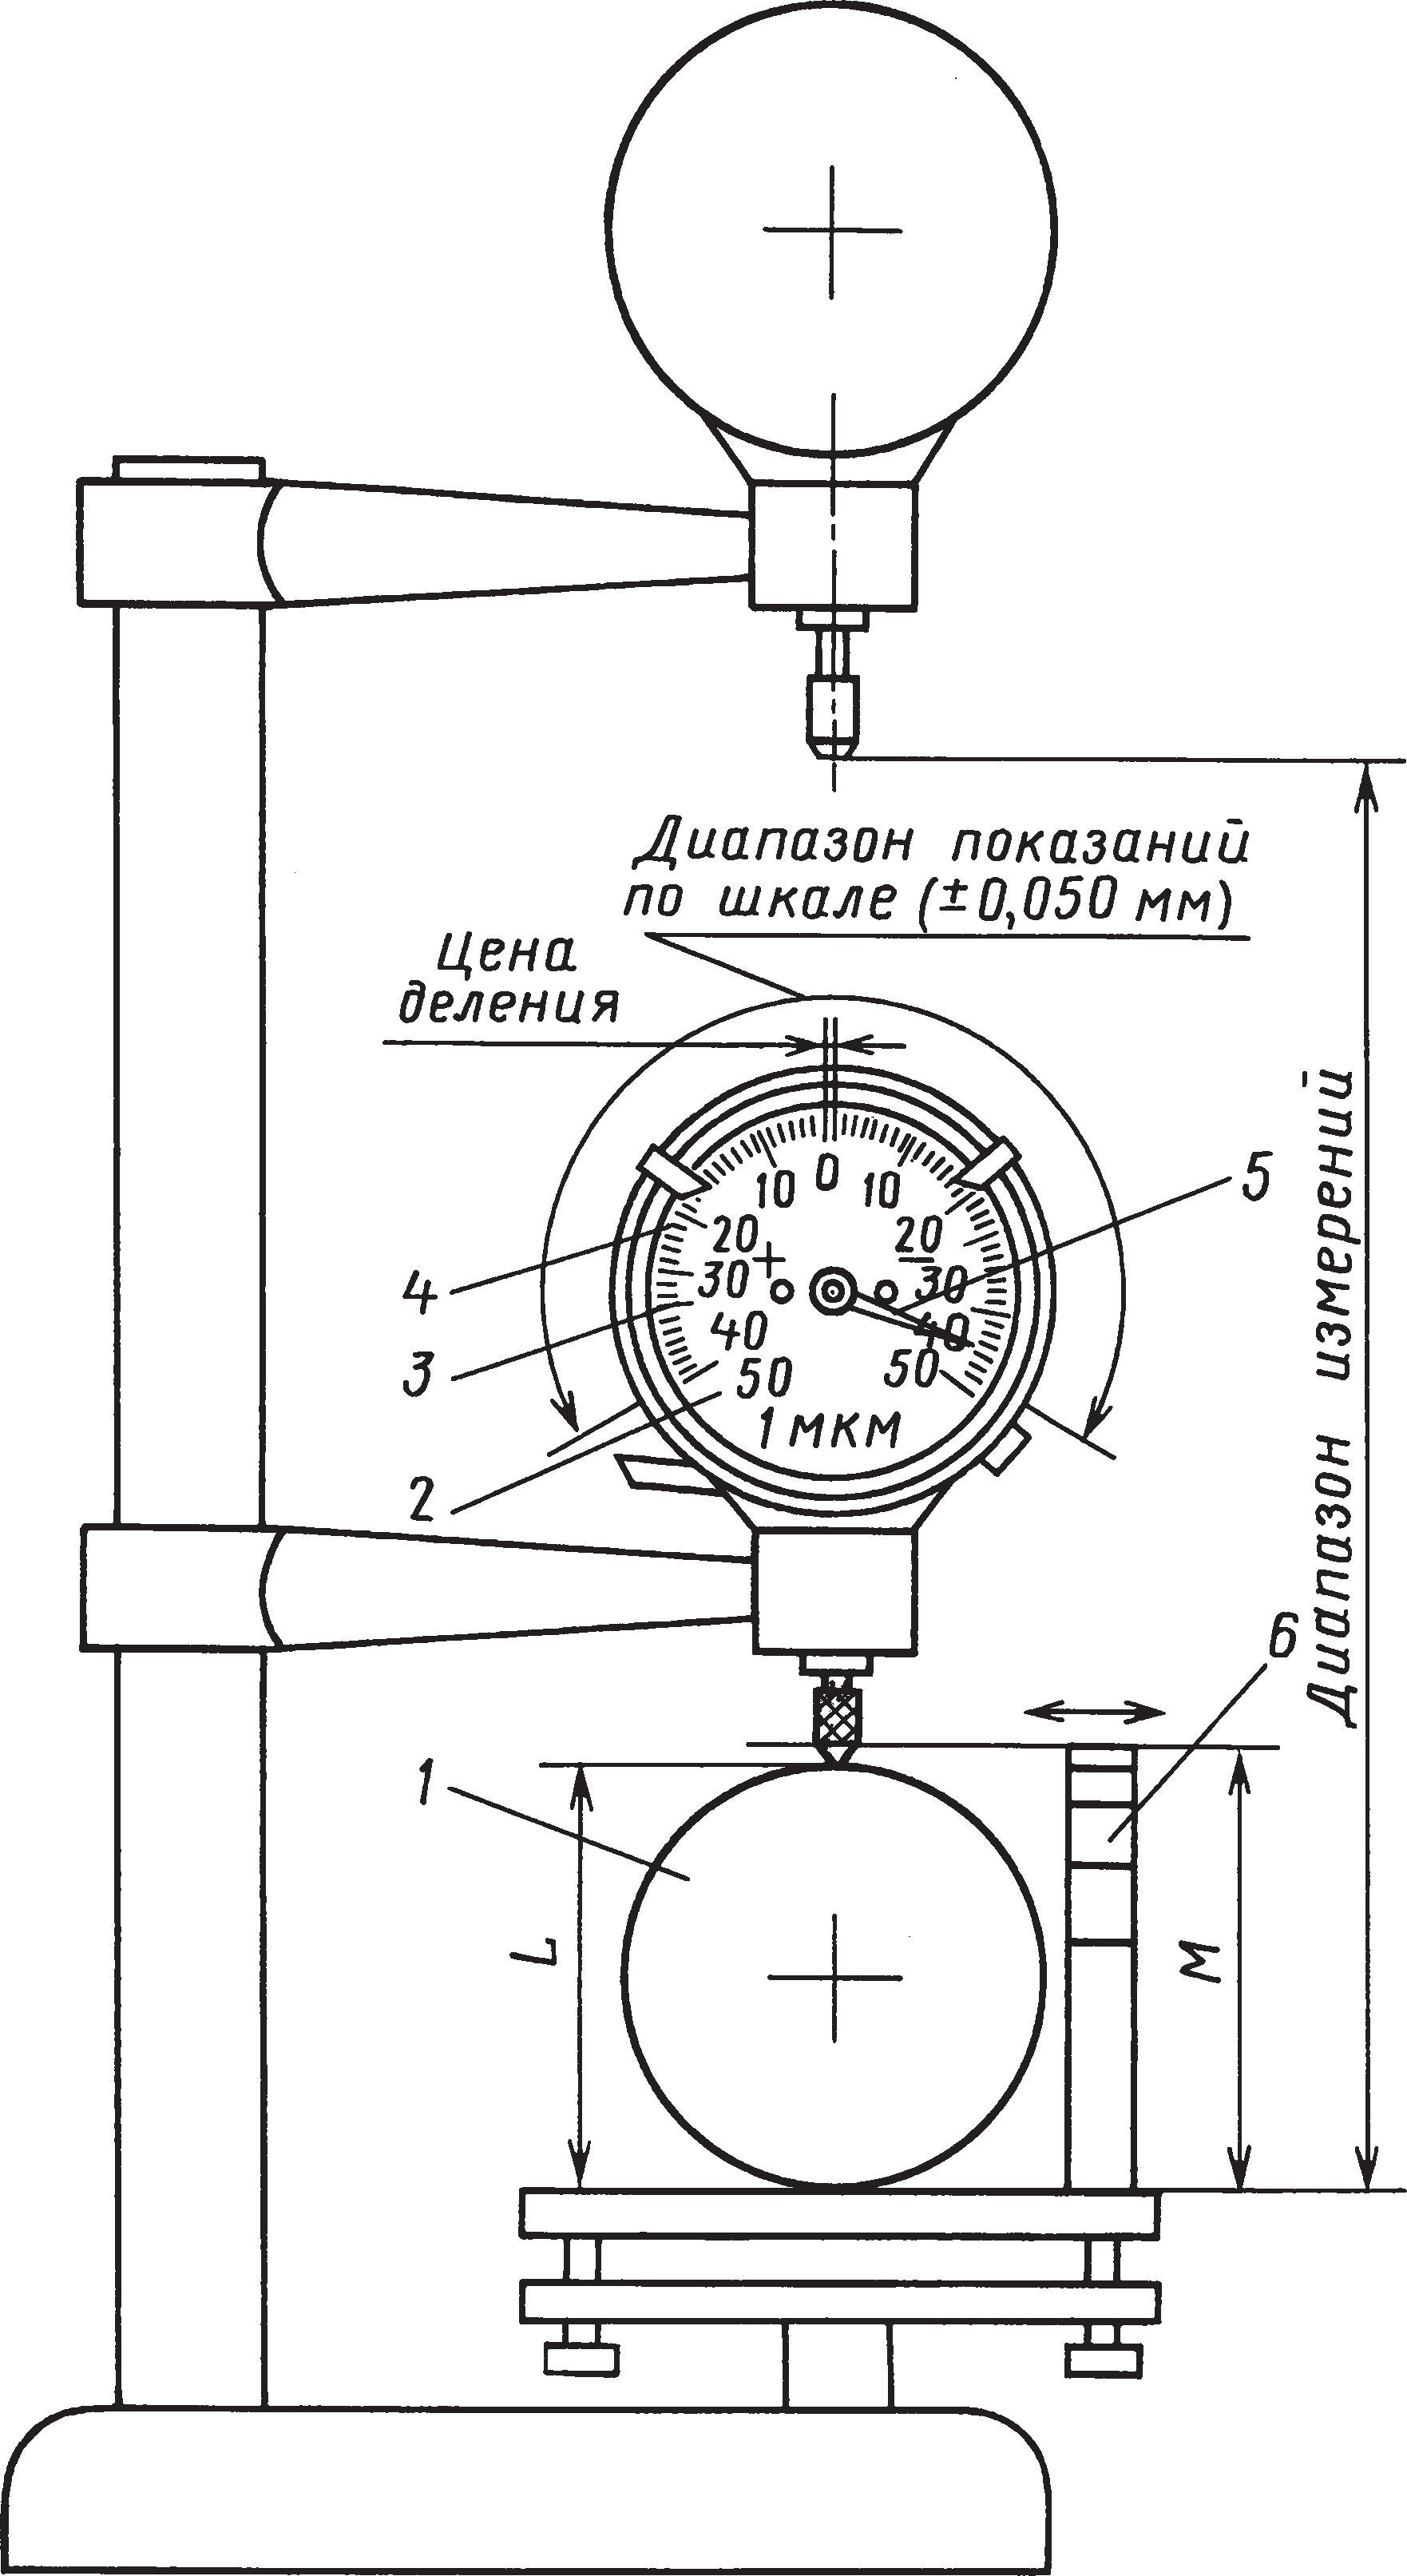 Схема измерения с применением рычажно-зубчатой измерительной головки 1ИГ